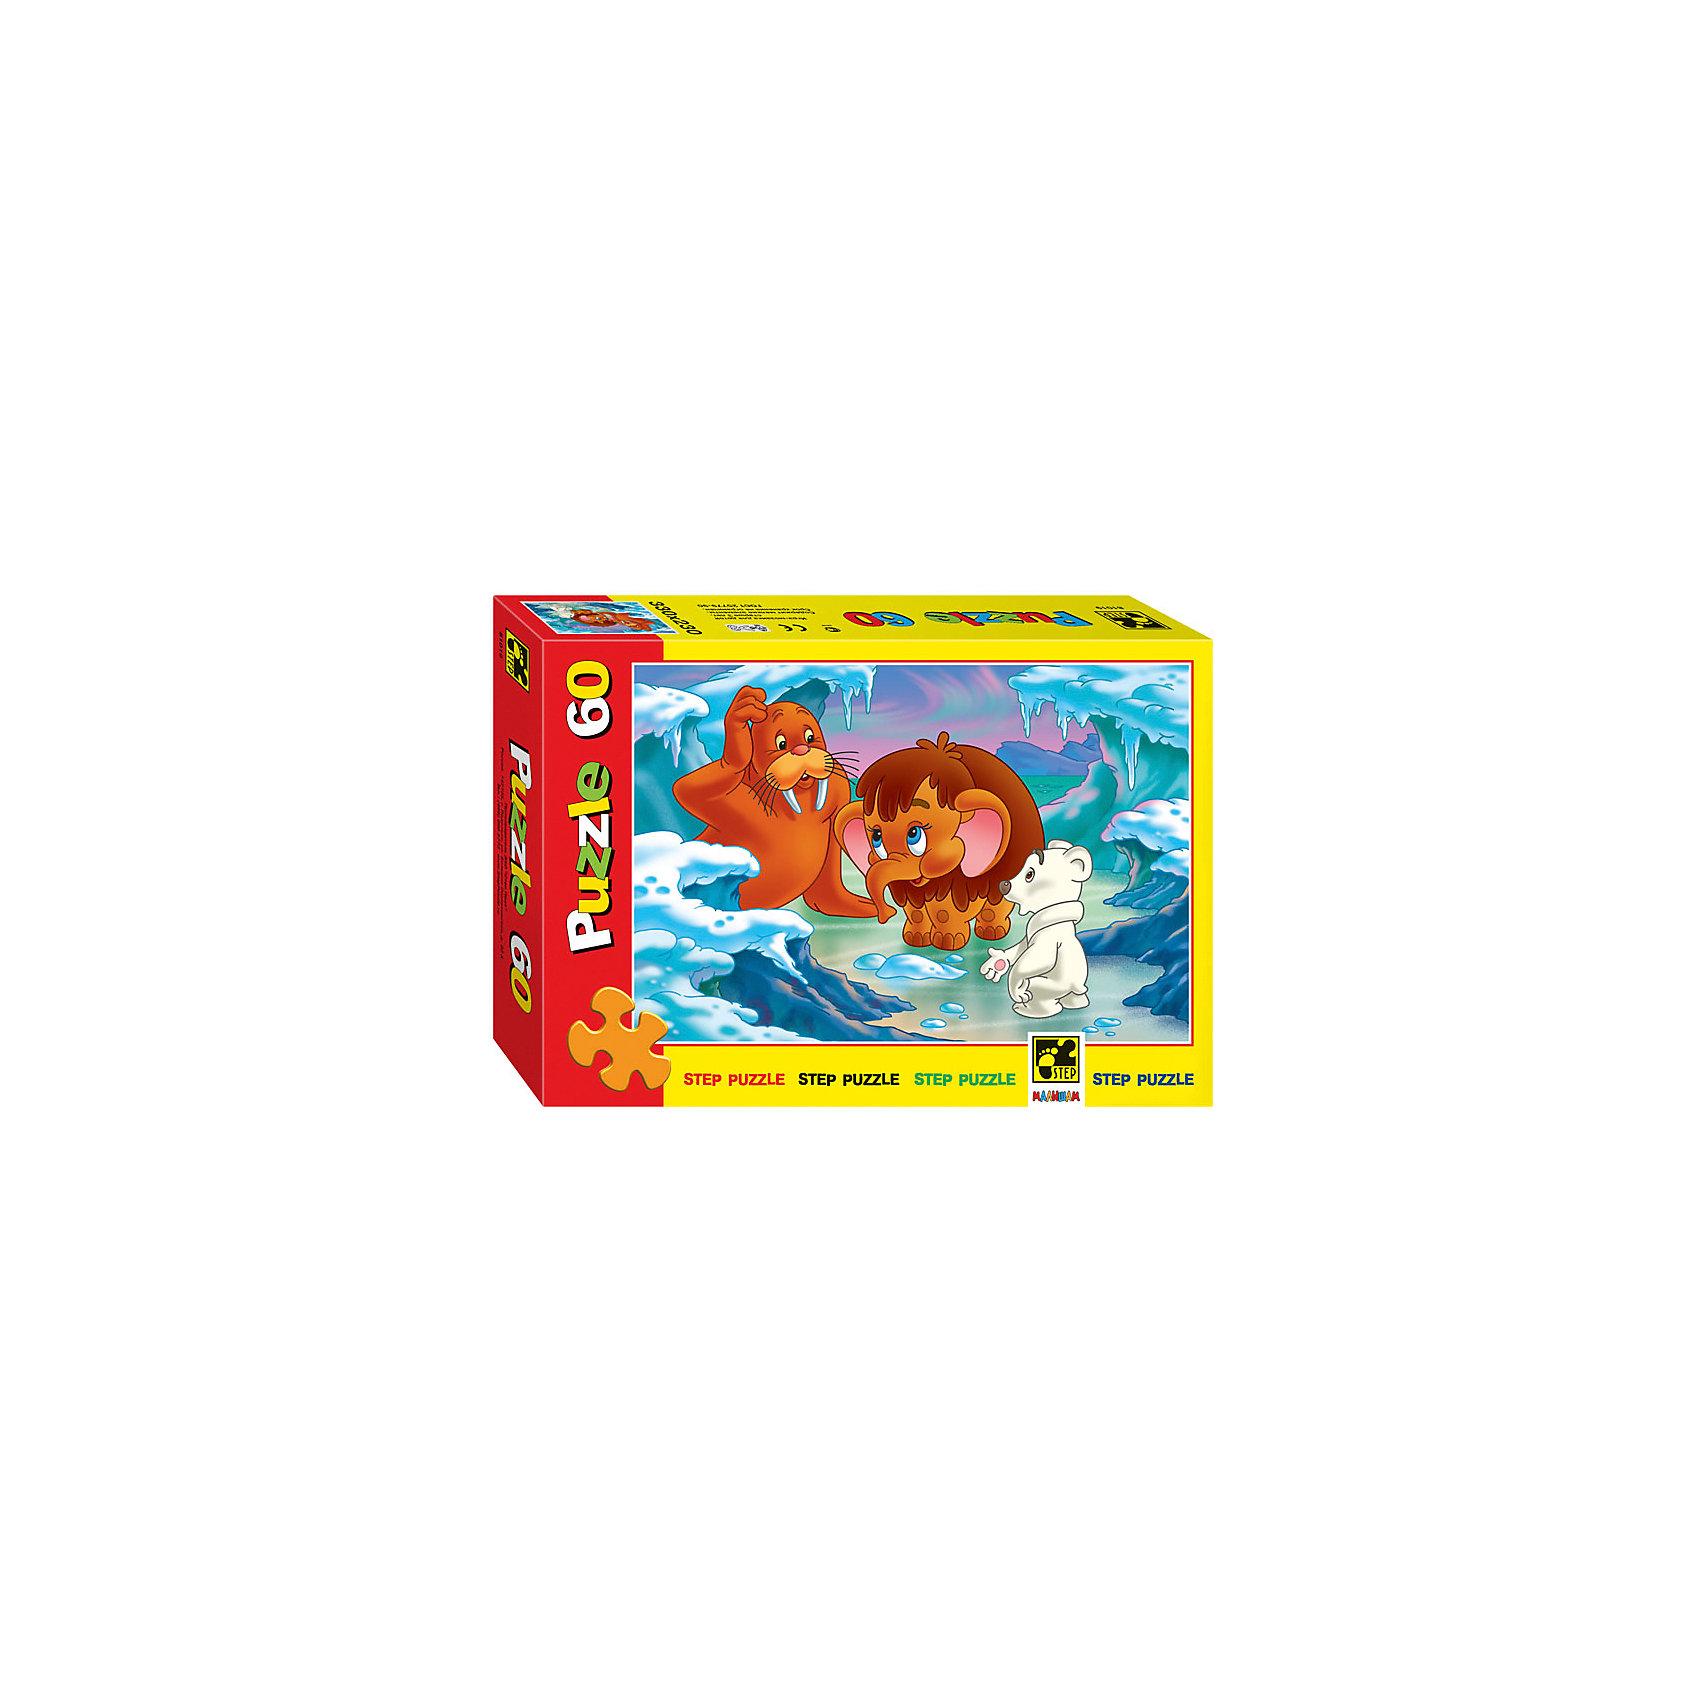 Степ Пазл Пазл Мамонтёнок, 60 деталей, Step Puzzle степ пазл пазл букет цветов с улиткой 1000 деталей step puzzle